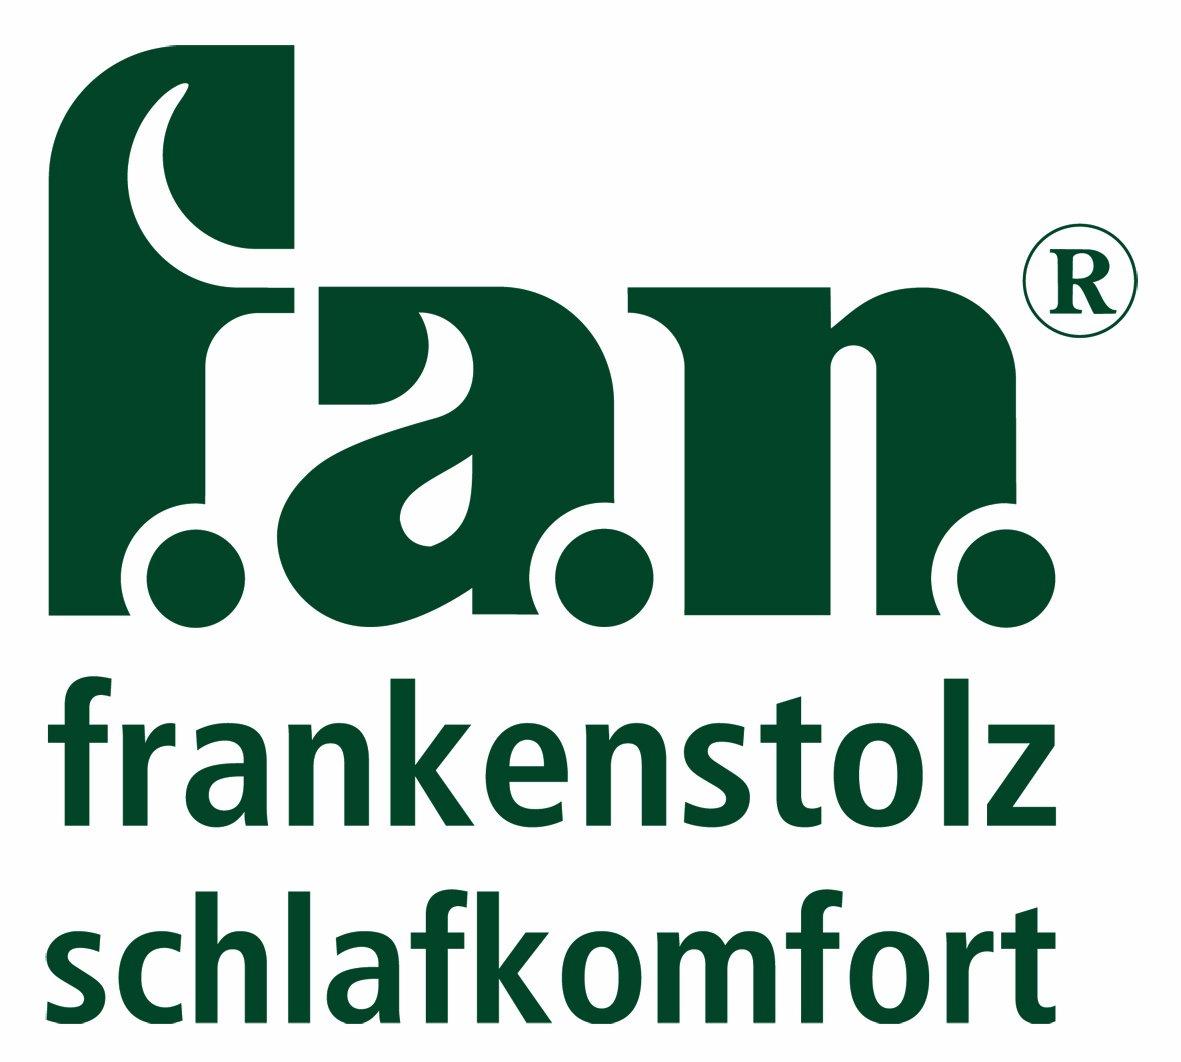 f.a.n Medisan f.a.n Frankenstolz 0427A-10134-19 Kinder-Kissen 035 x 040 cm